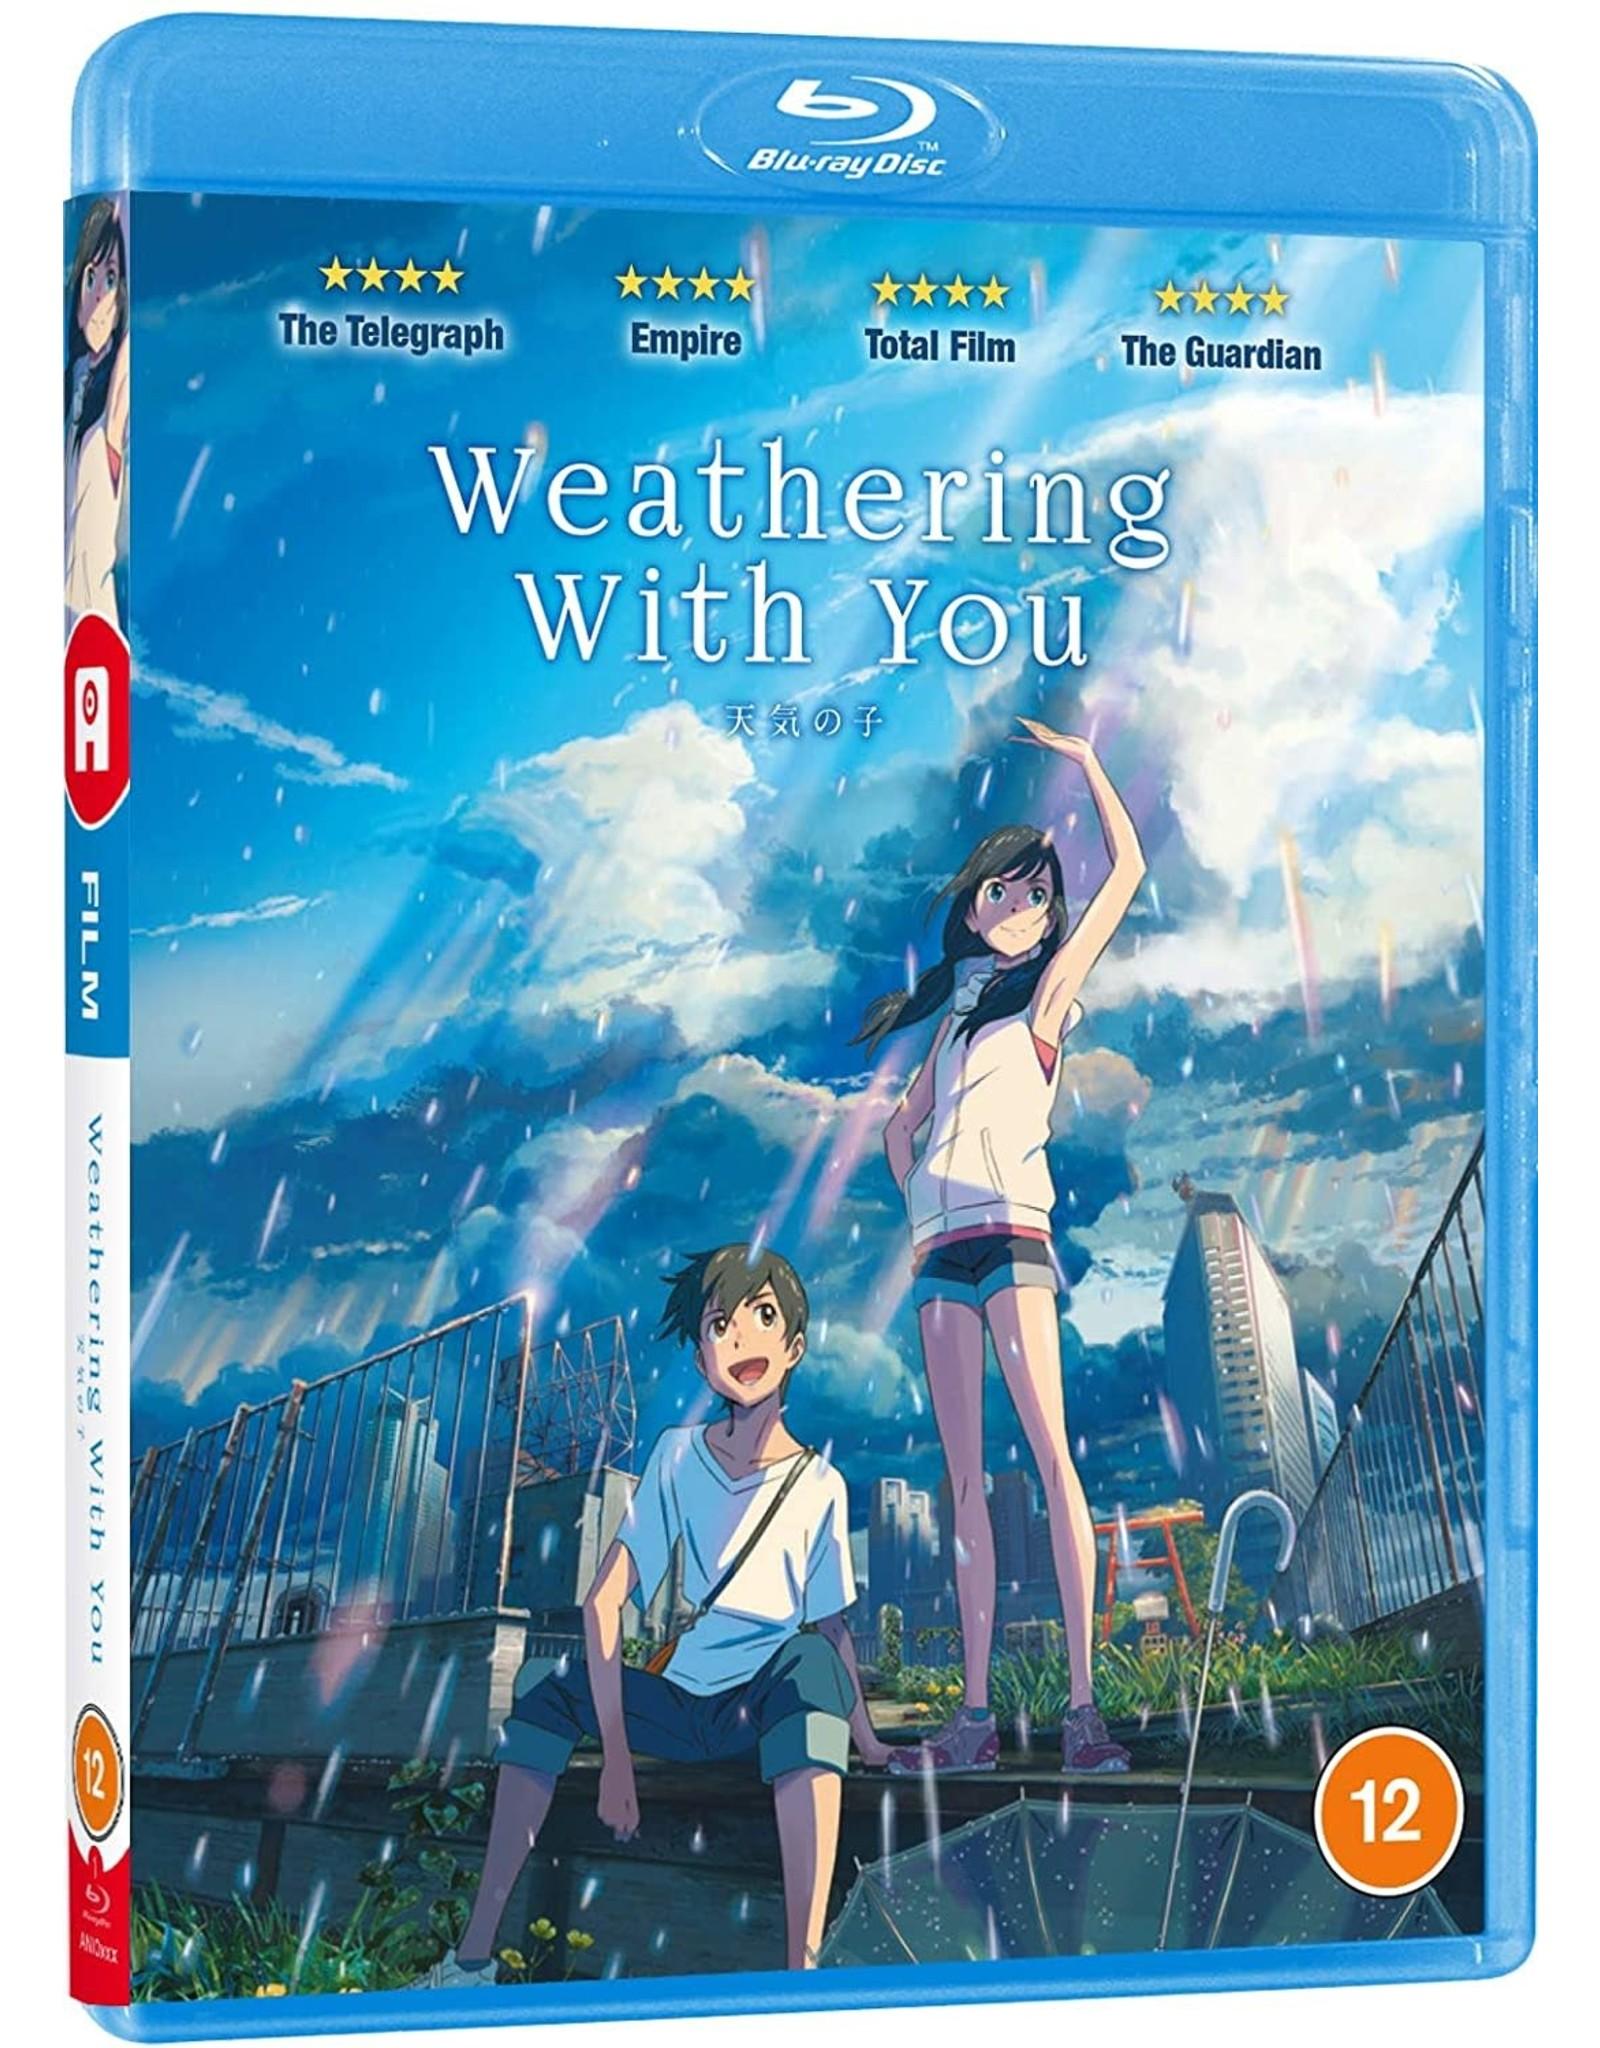 Weathering With You (Blu-ray) - (Engelstalige ondertitels)